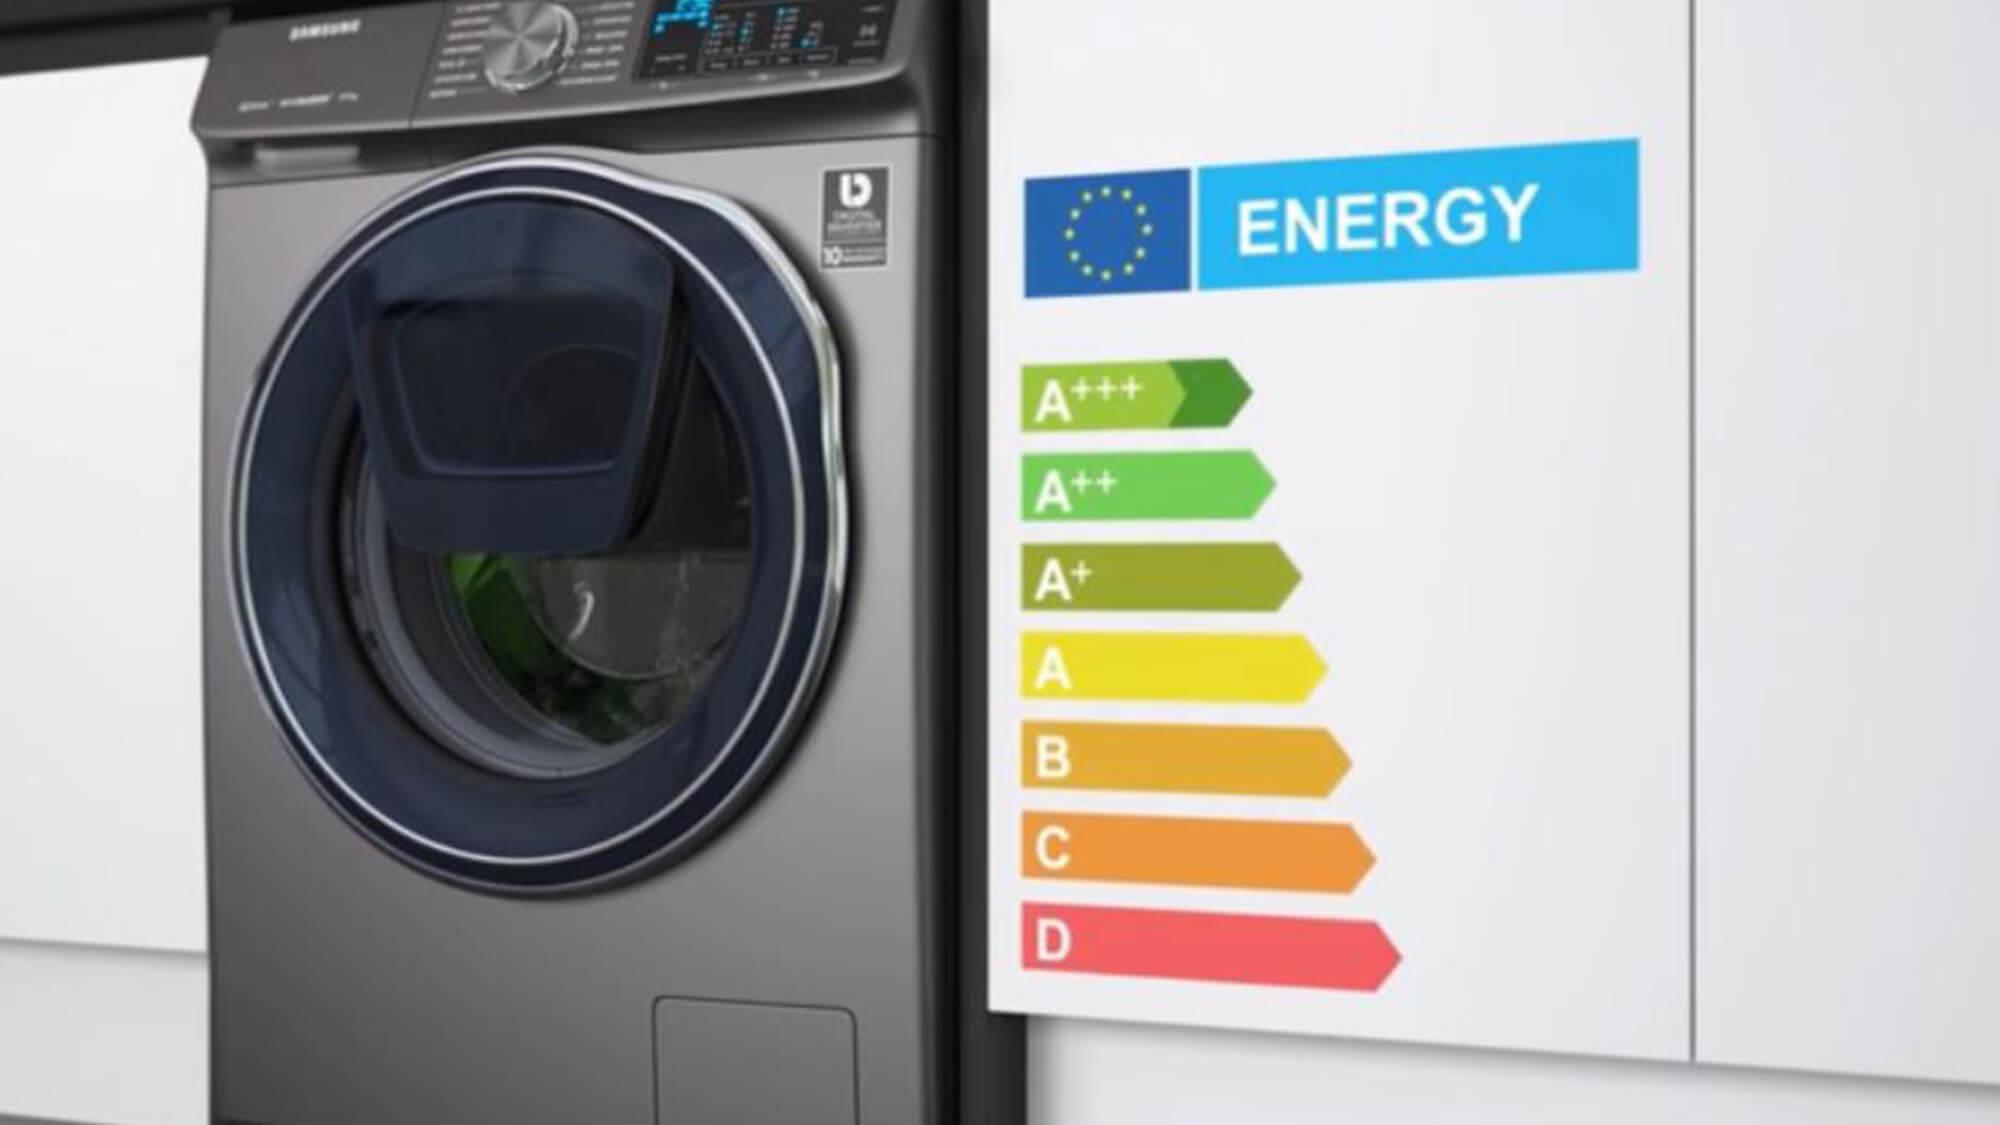 Washing machine energy rating